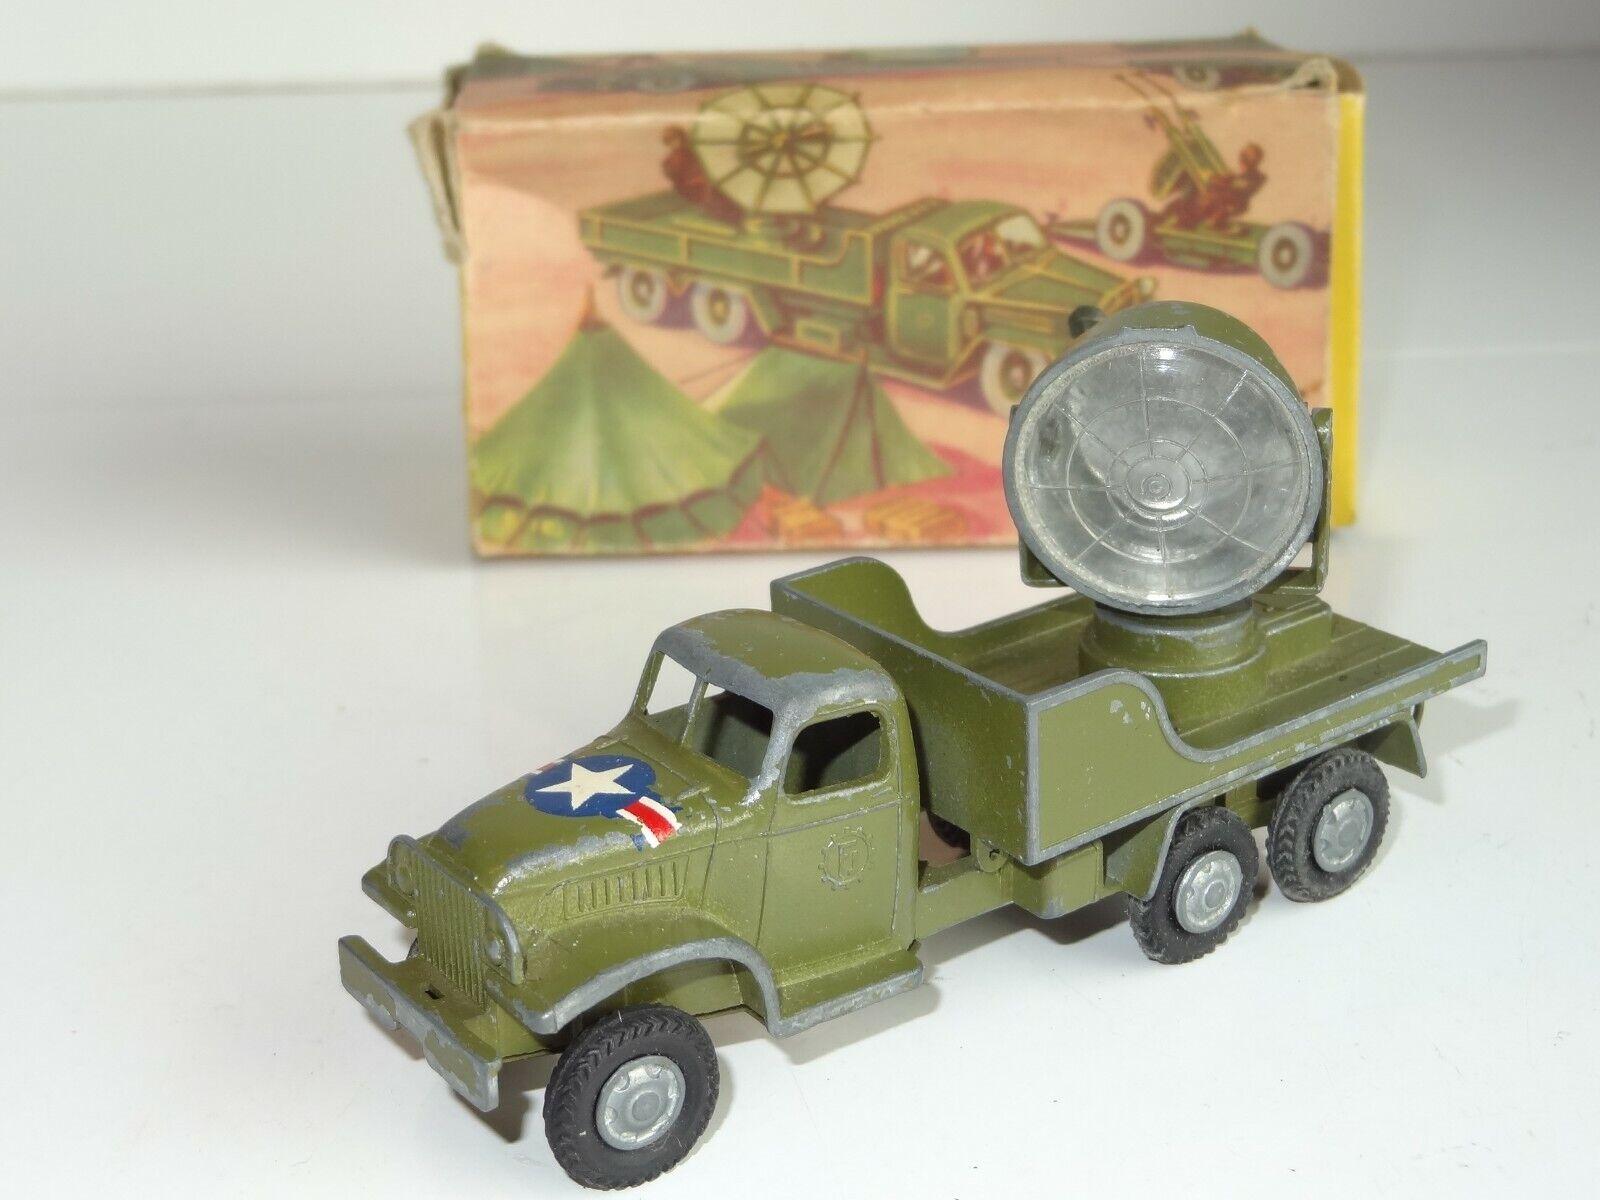 encuentra tu favorito aquí (C) wuco Francia Jouet FJ-Reflector Camión Gmc Gmc Gmc Camion Militar - 503 Us Army  en venta en línea